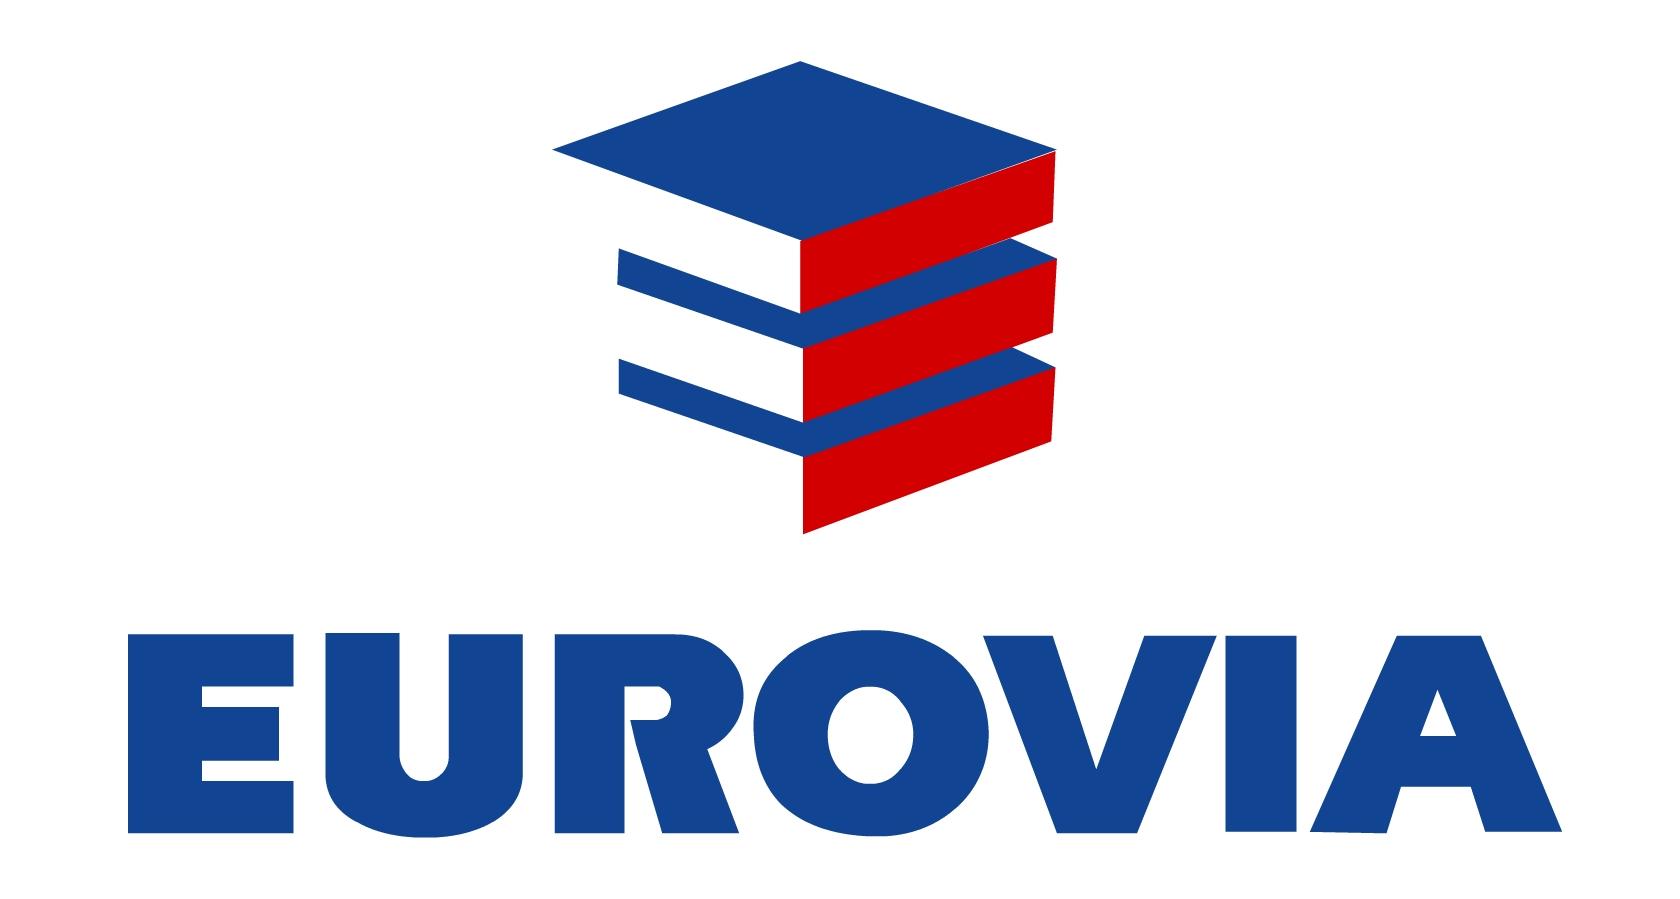 Eurovia Verkehrsbau Union GmbH